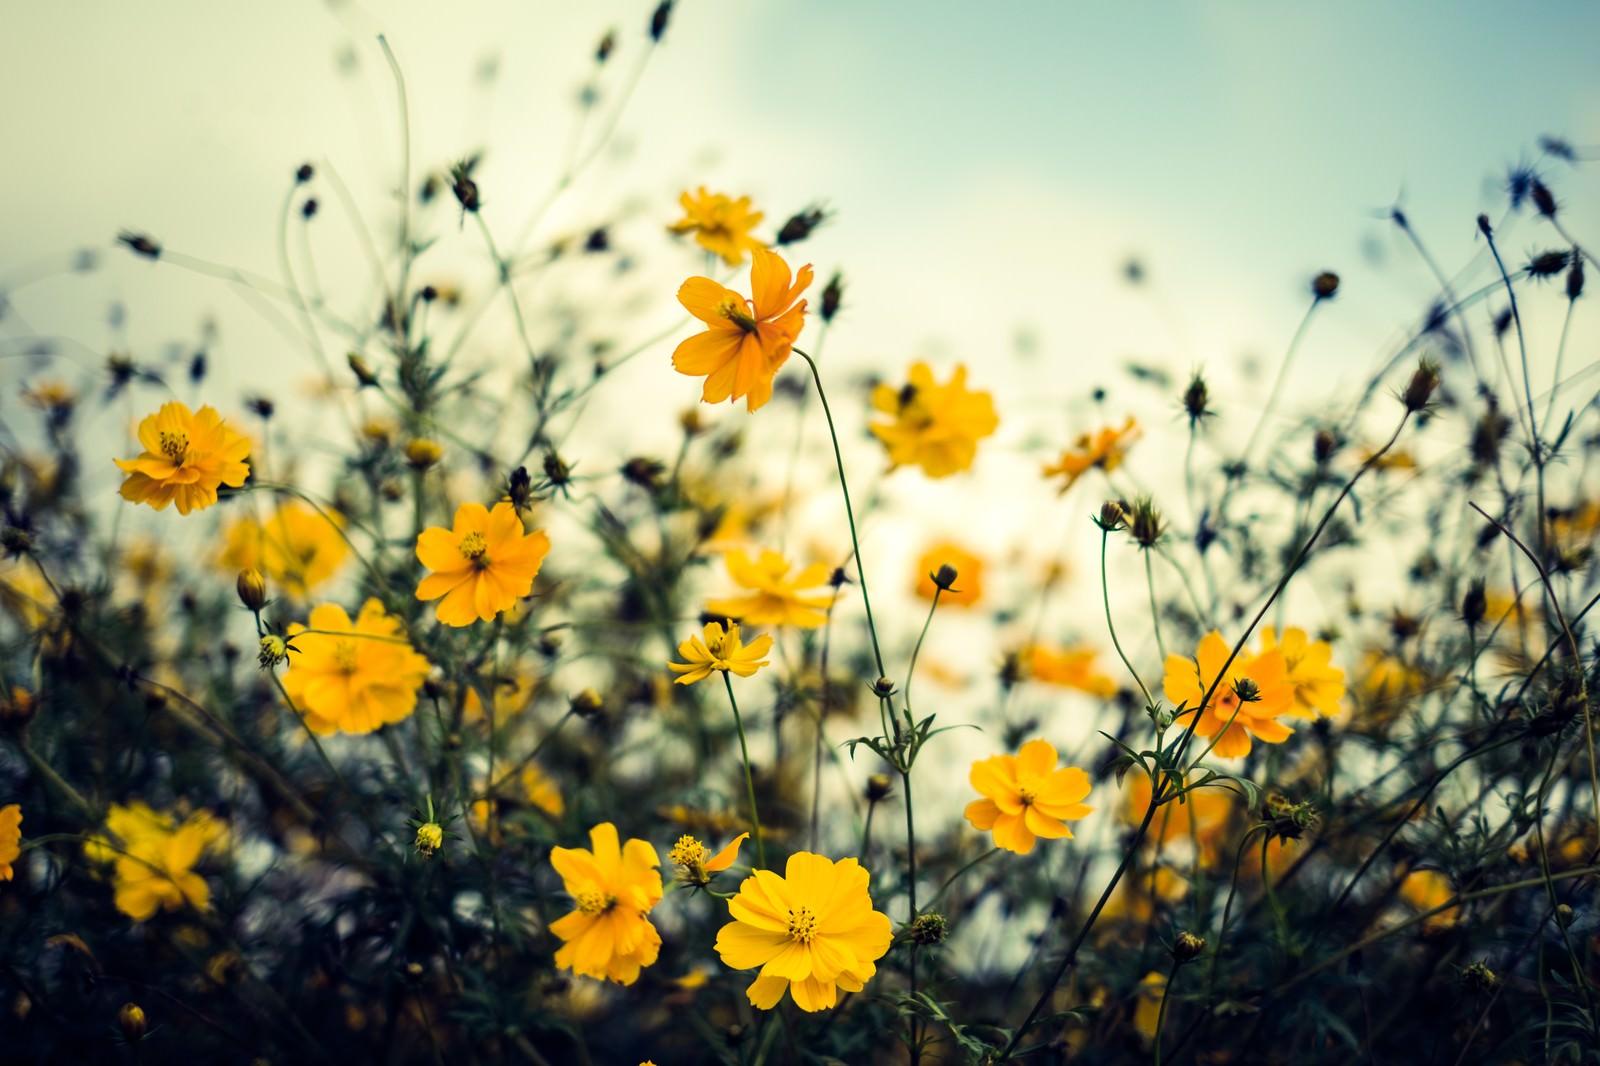 「秋を感じるコスモス」の写真